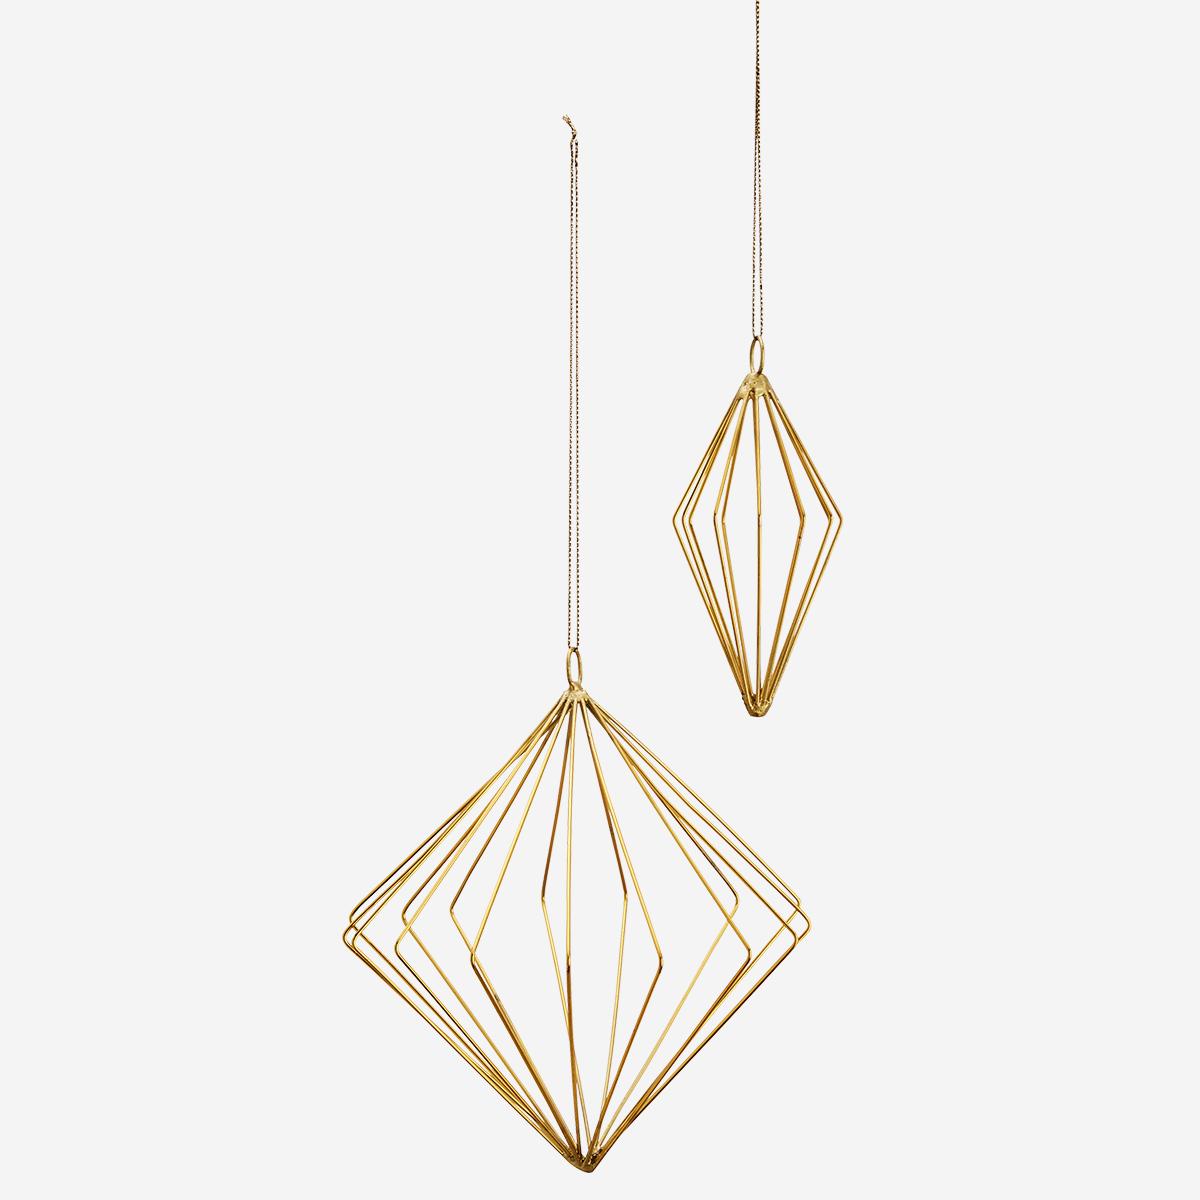 Décoration géométrique à suspendre en fer doré - Noël * Madam Stoltz